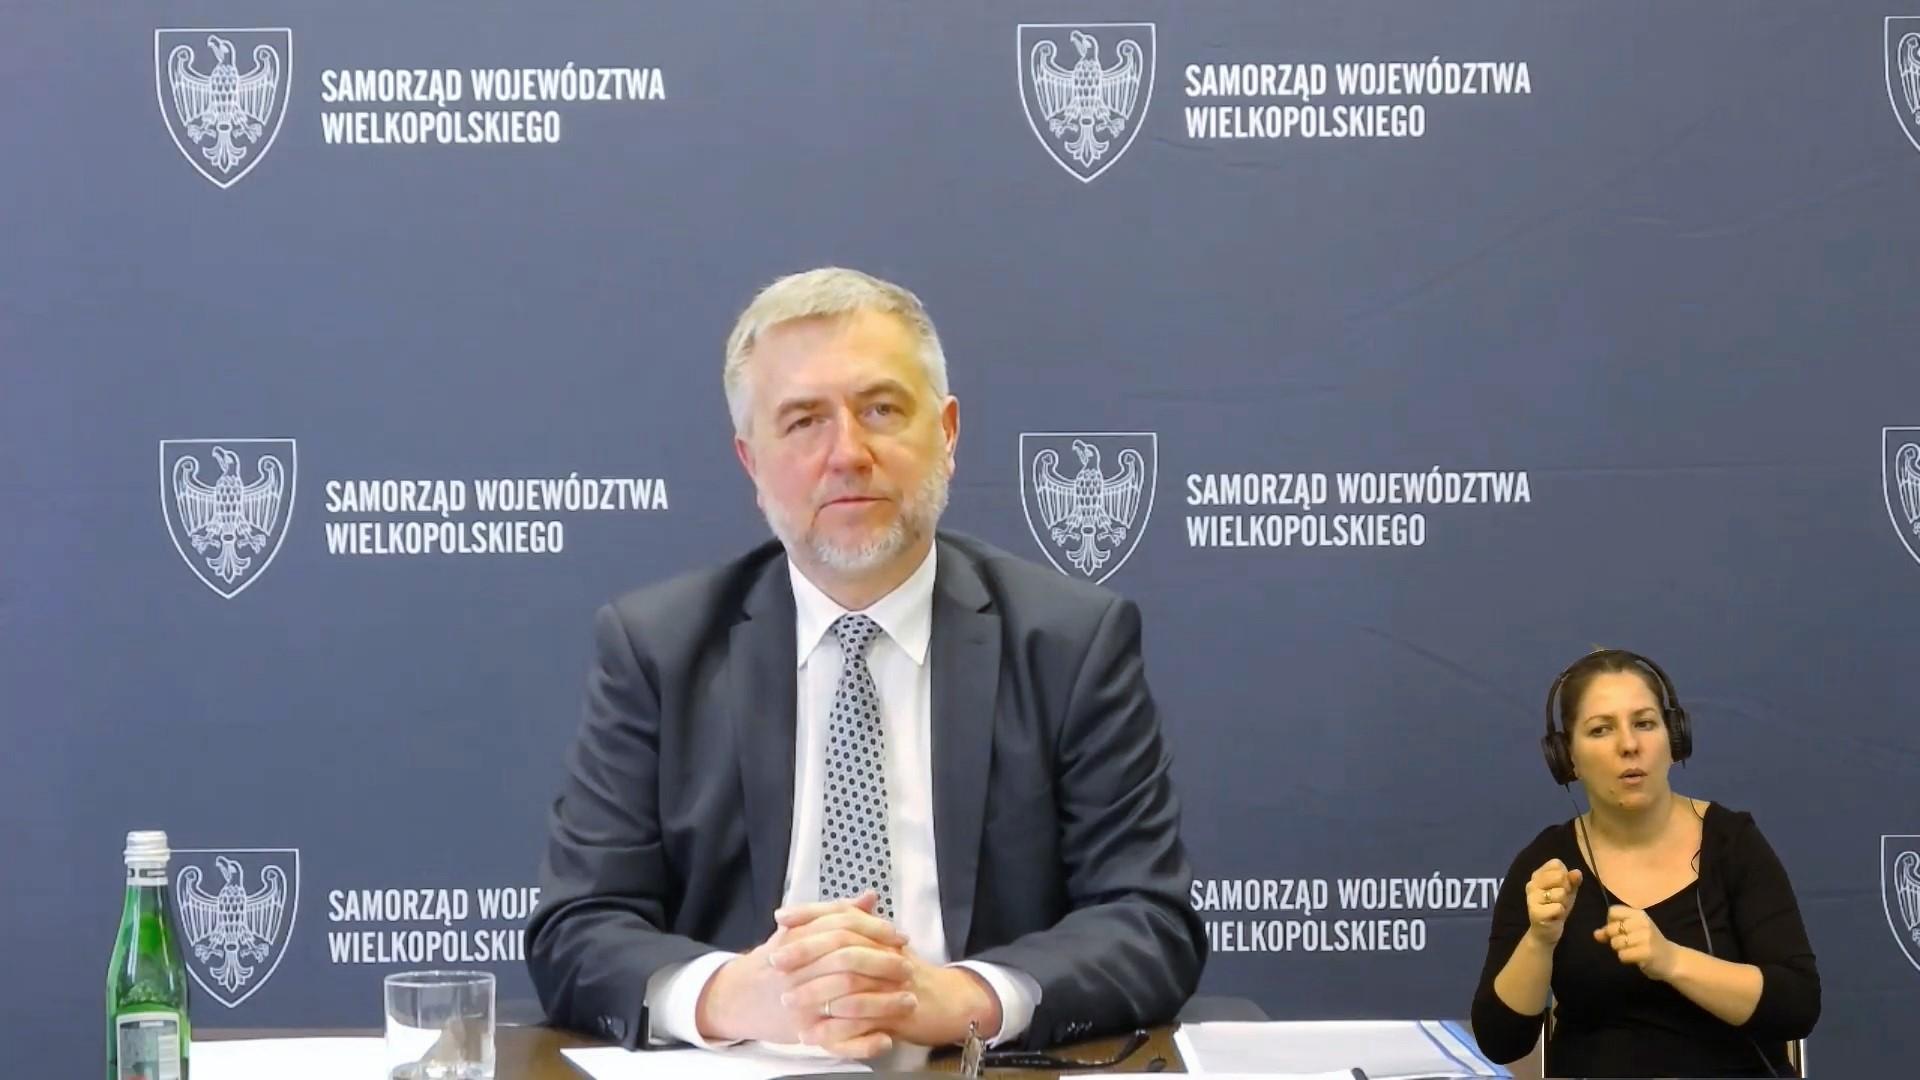 Znacząco mniejszy budżet unijny na najbliższą dekadę dla Wielkopolski - zobacz więcej